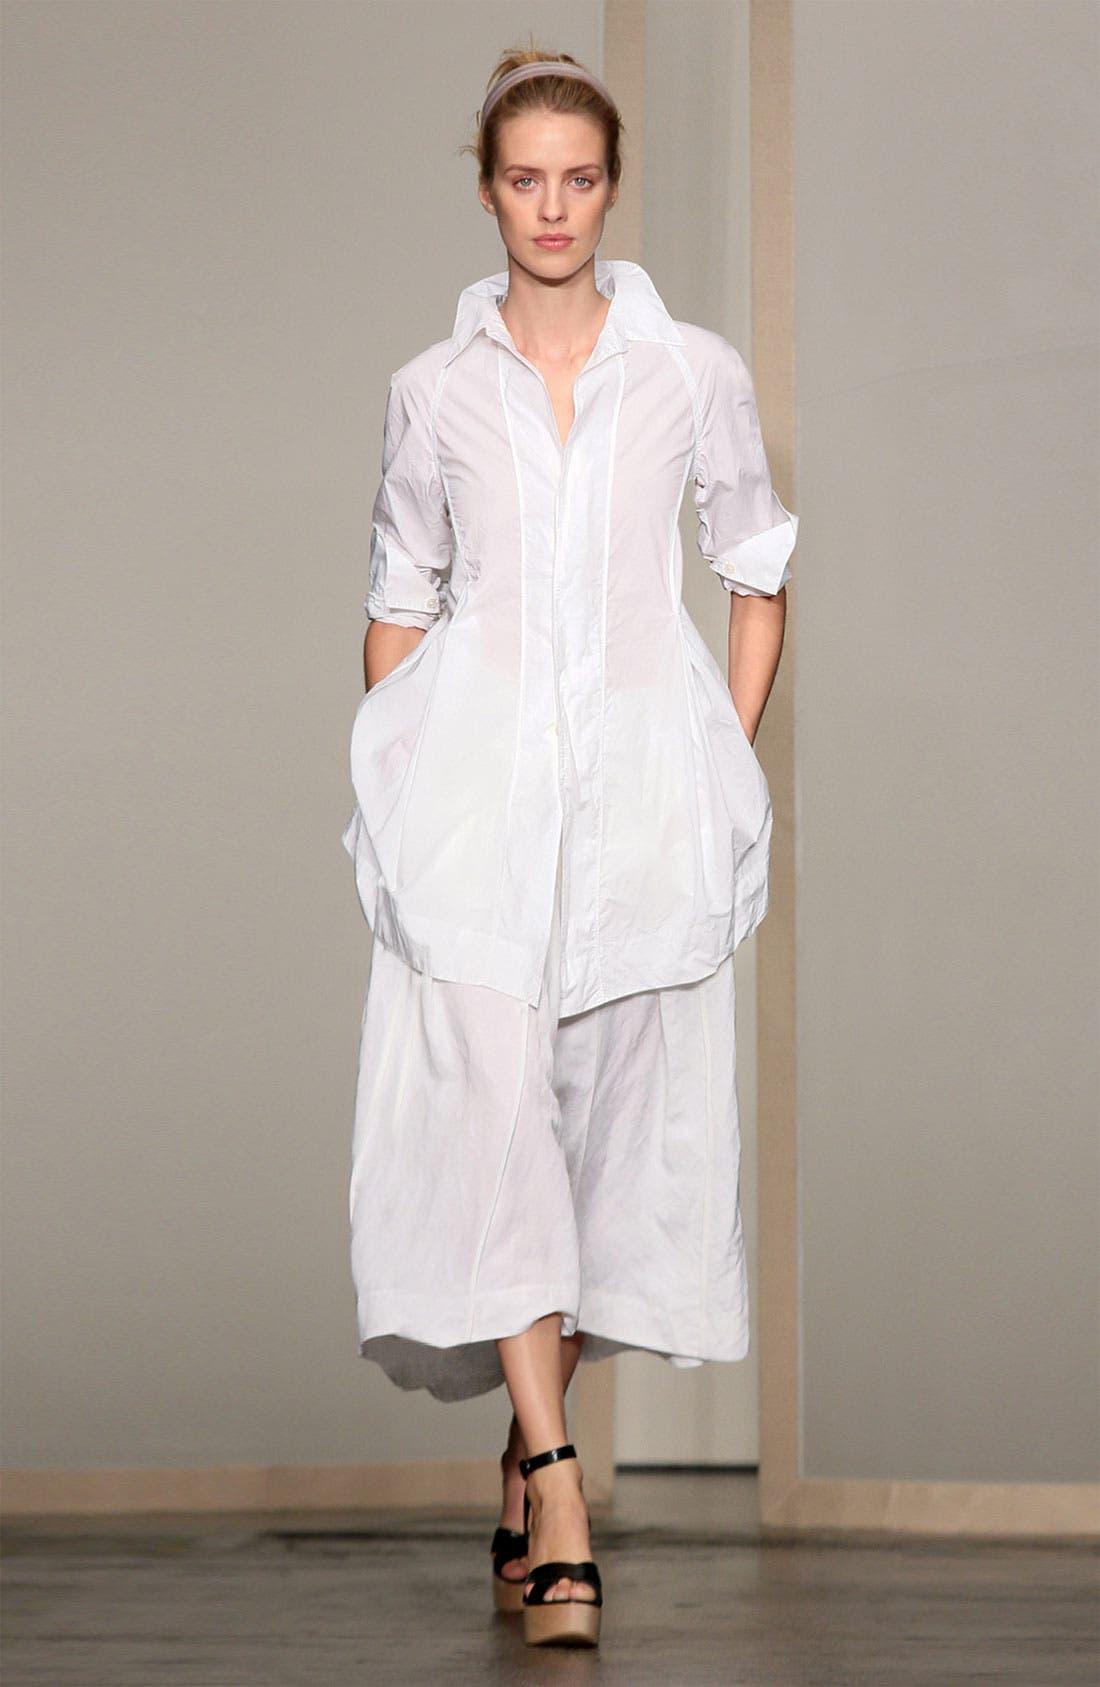 Main Image - Donna Karan Collection Shirt & Skirt